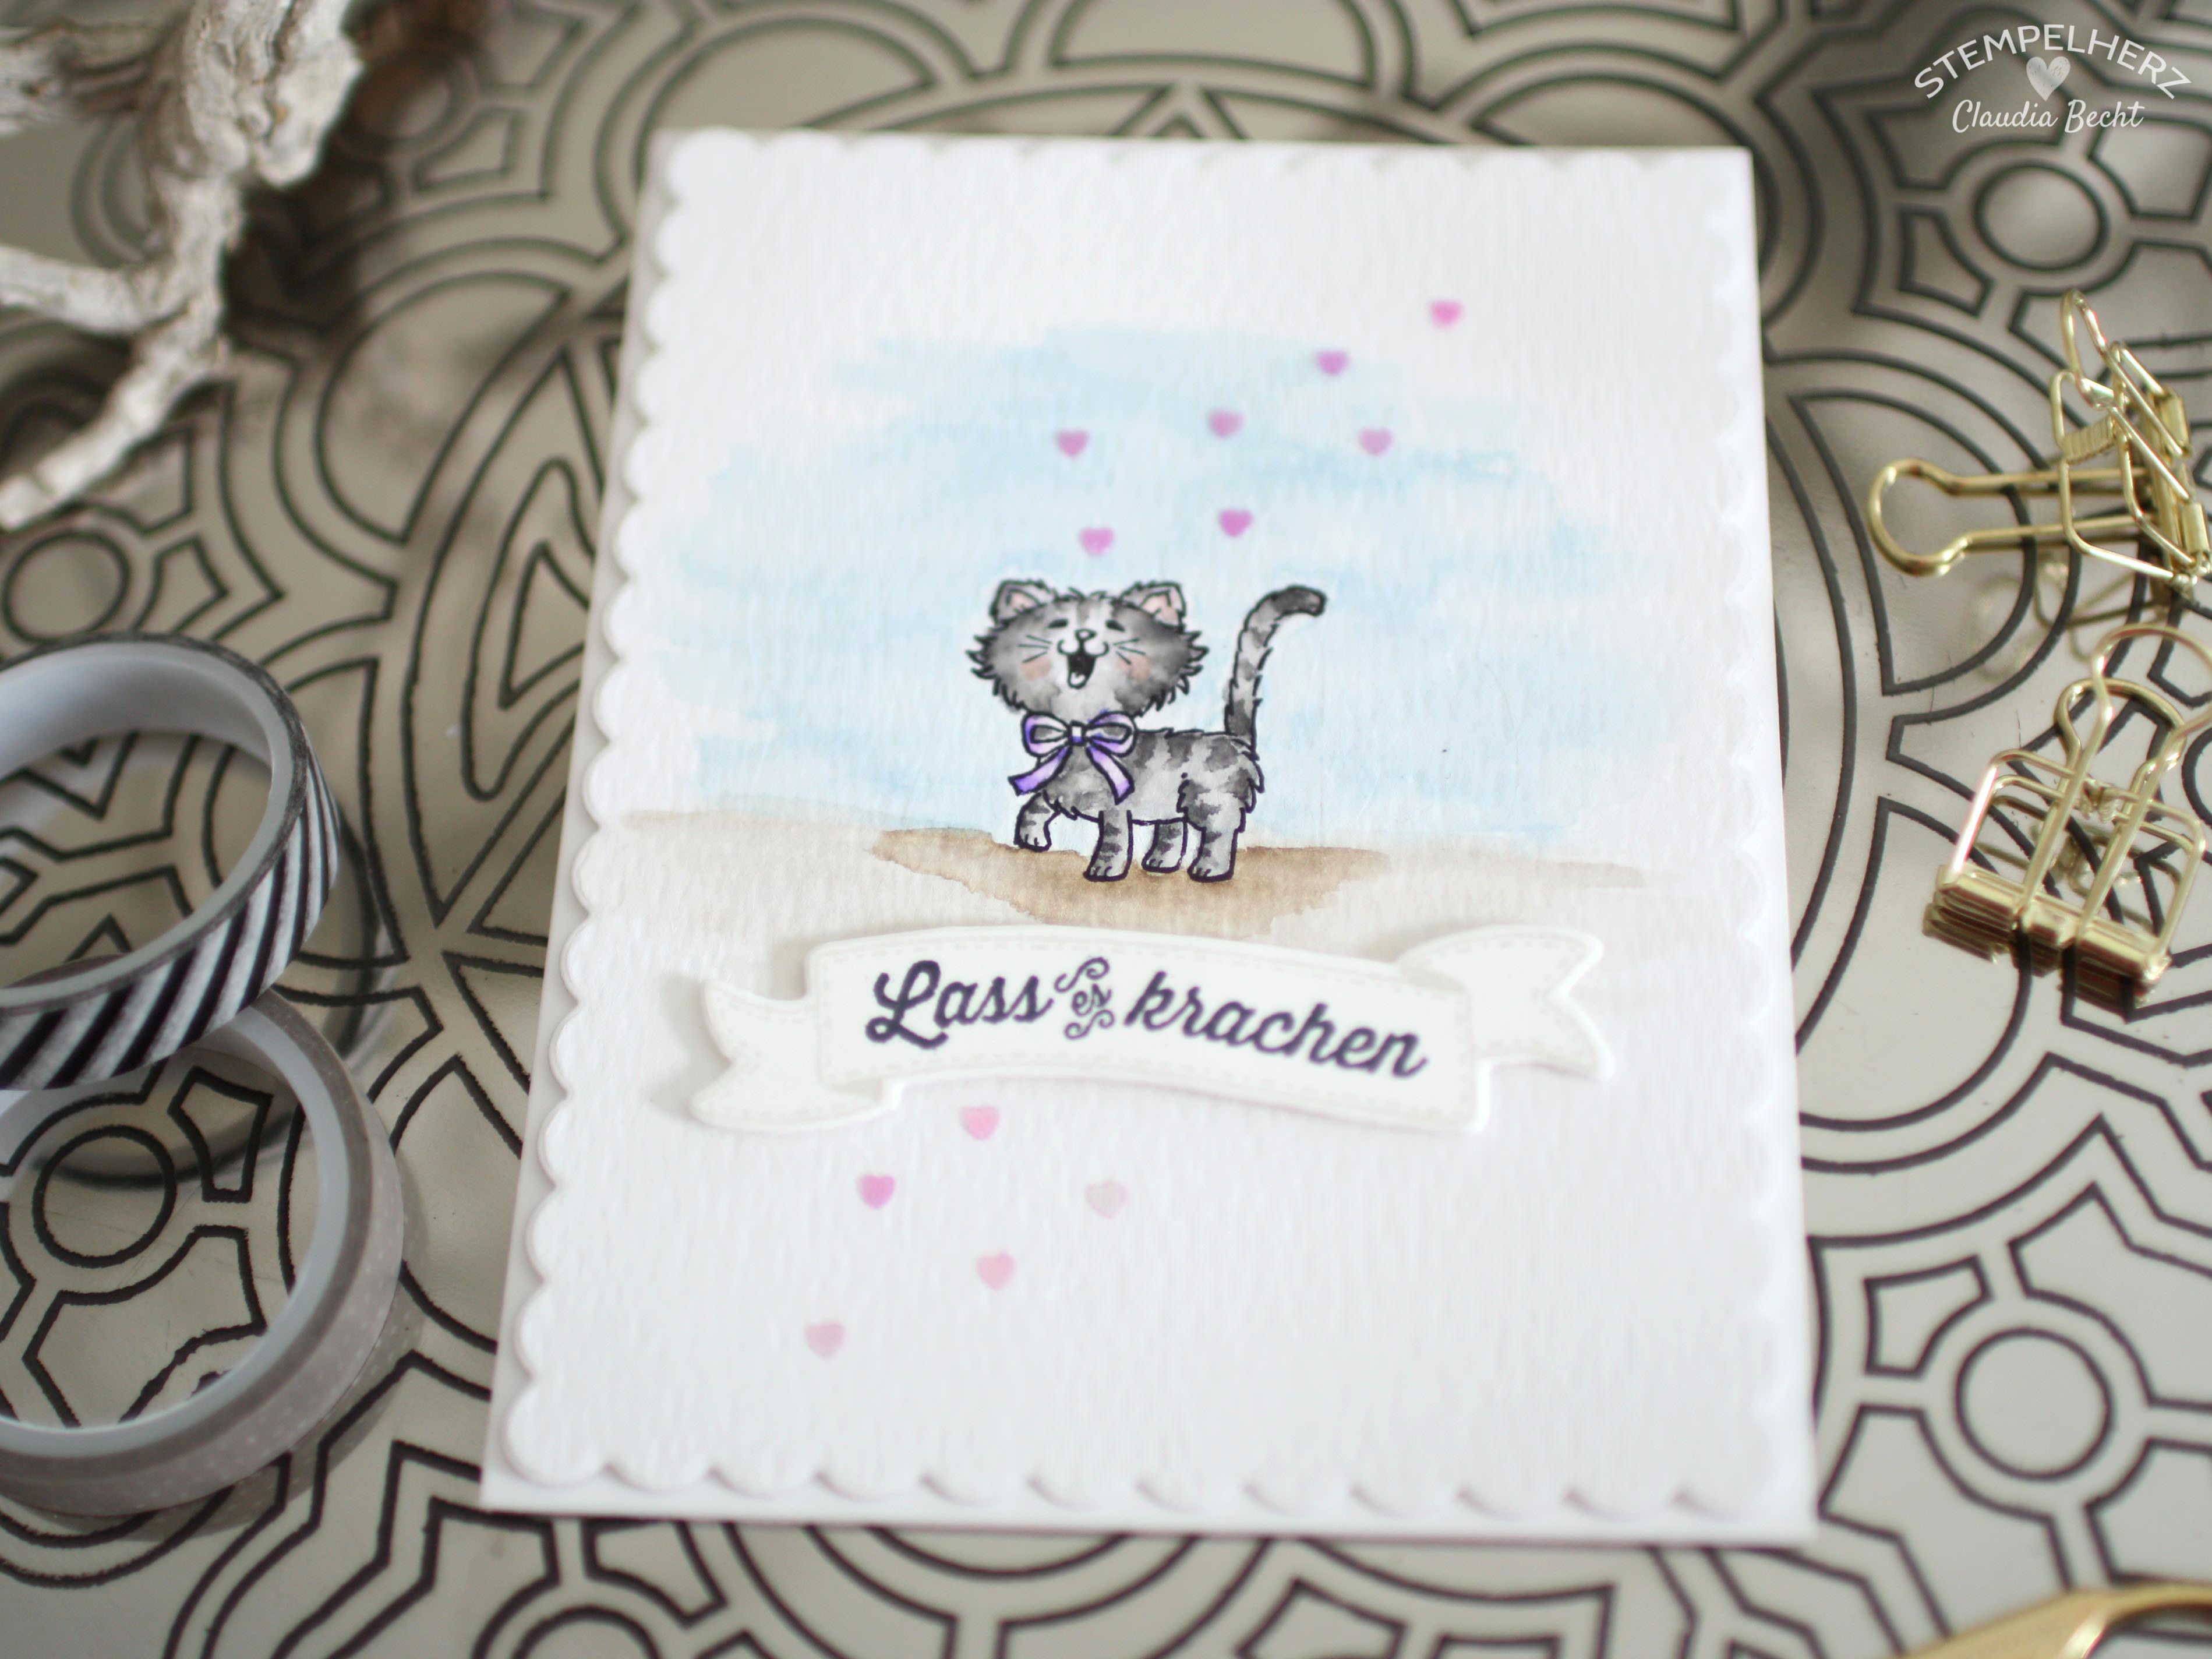 Stampin Up - Stempelherz - Geburtstagskarte - Aquarrell - Stempelset Geburtstagsbanner - Stempelset Pretty Kitty - Geburtstagskarte Lass es krachen 01